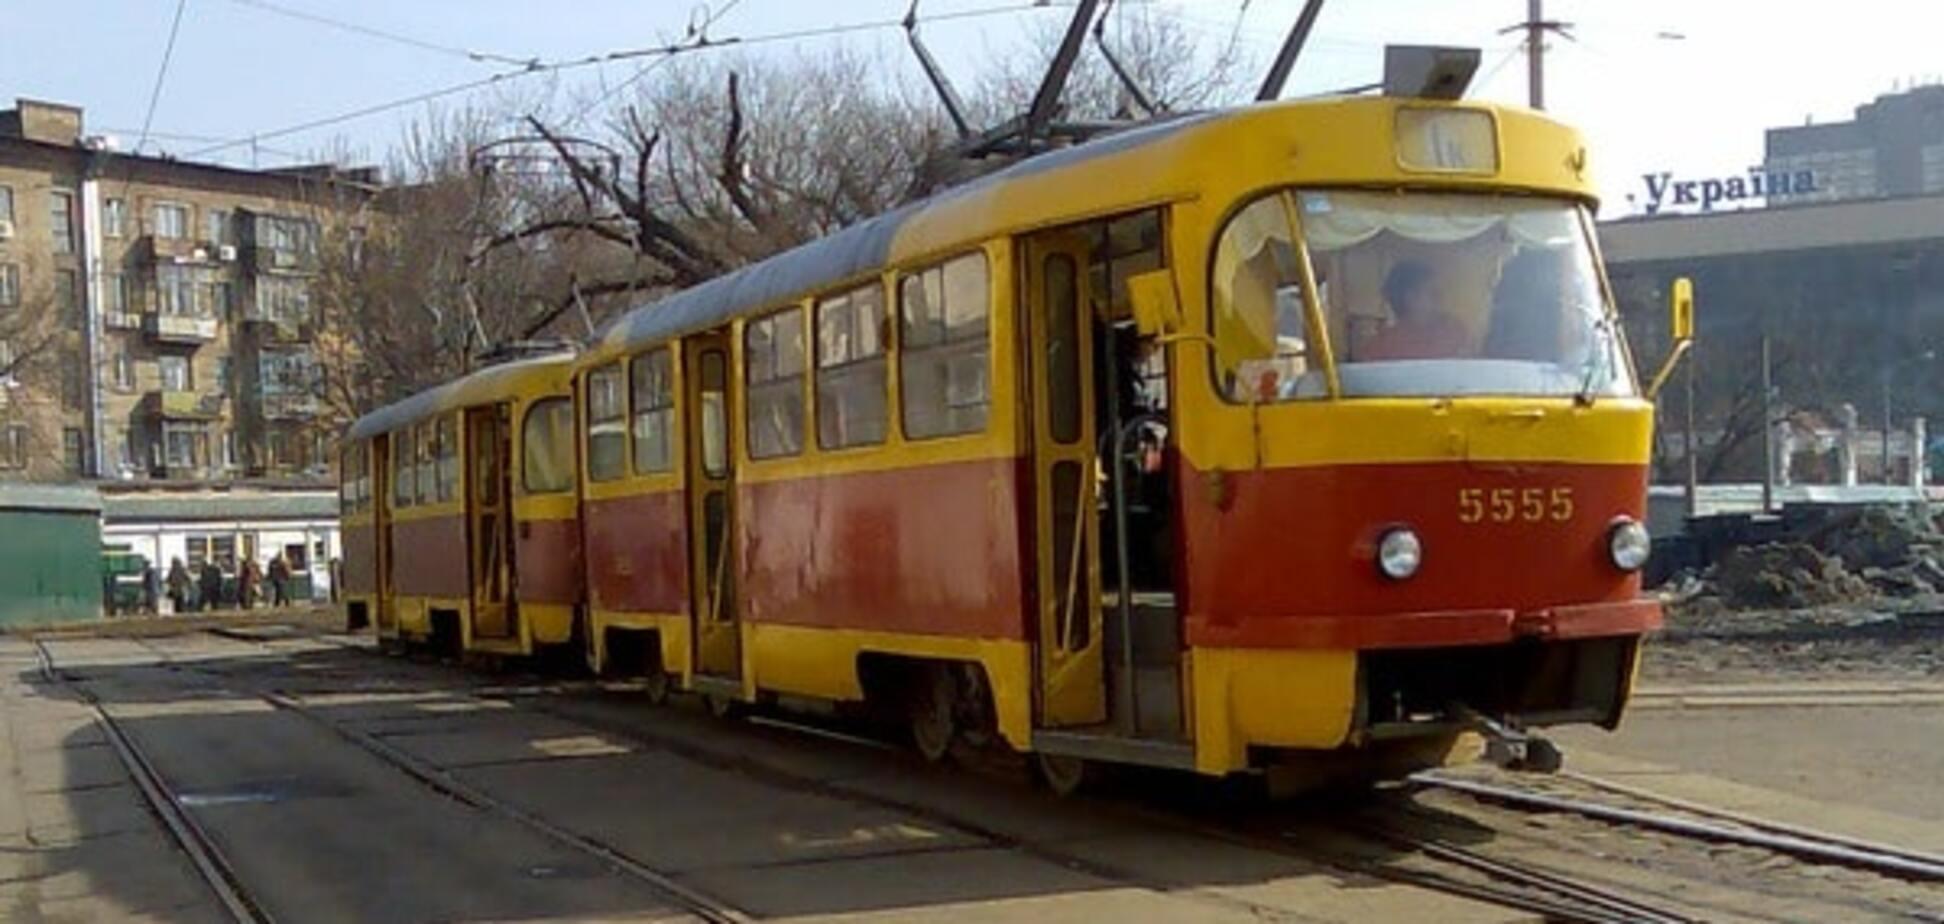 В Киеве трамвай наехал на прохожего